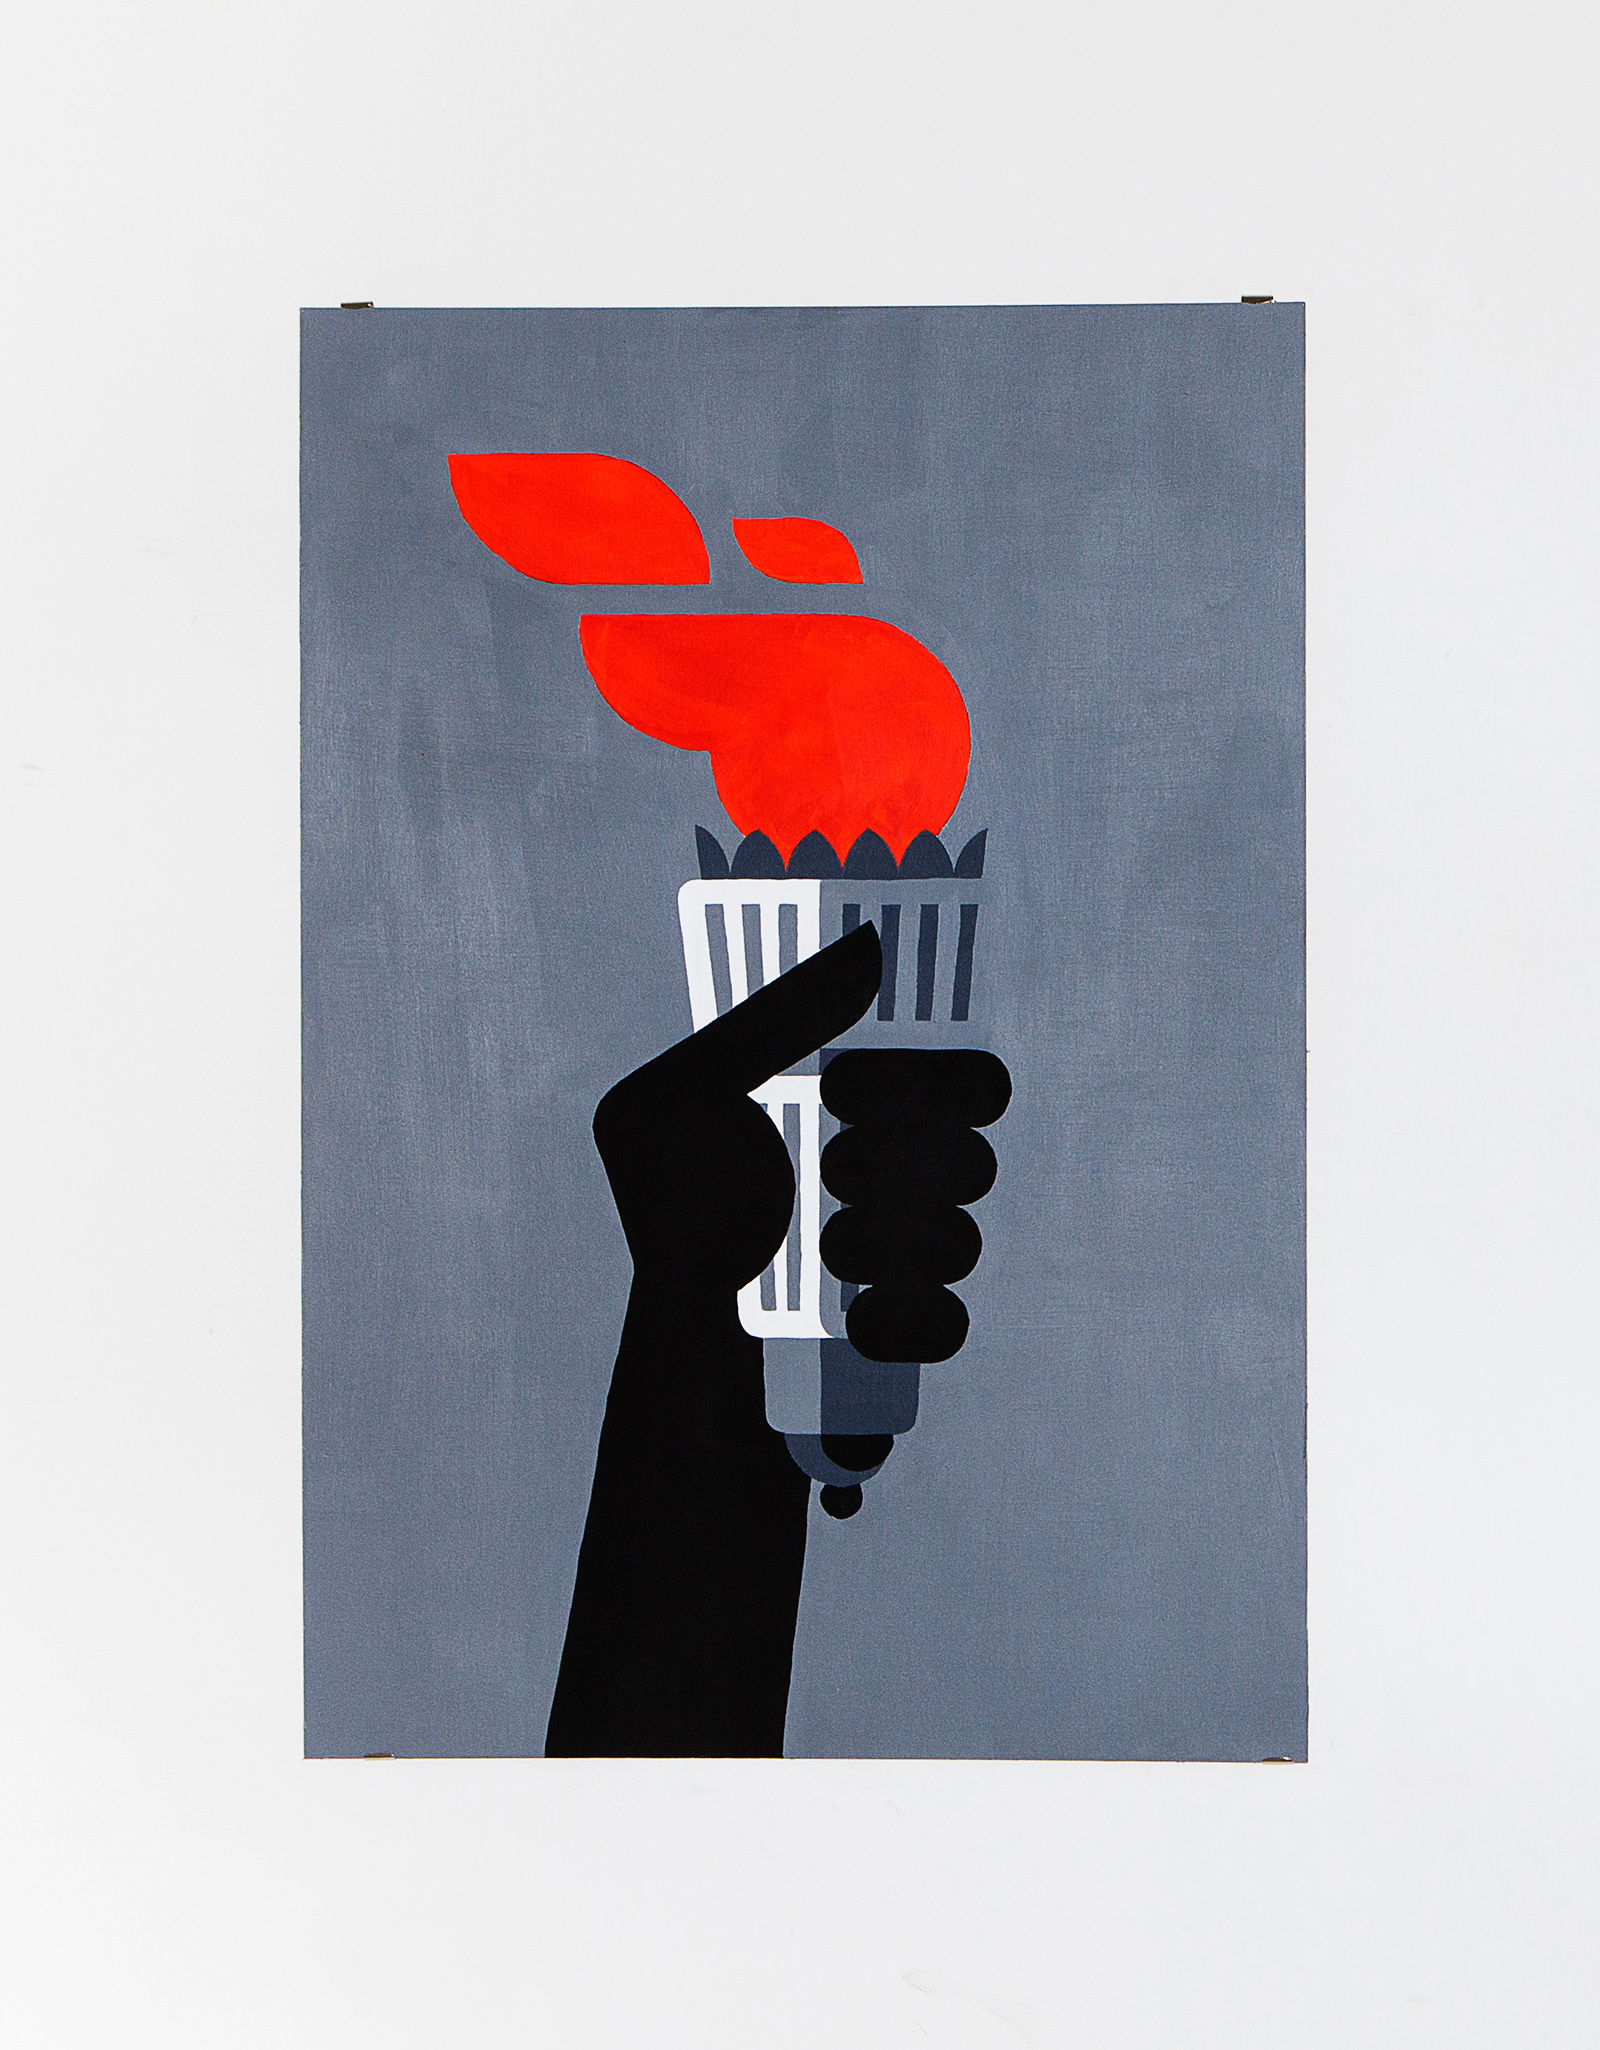 Torcia    Acrylic on canvas, 70x100cm 2014